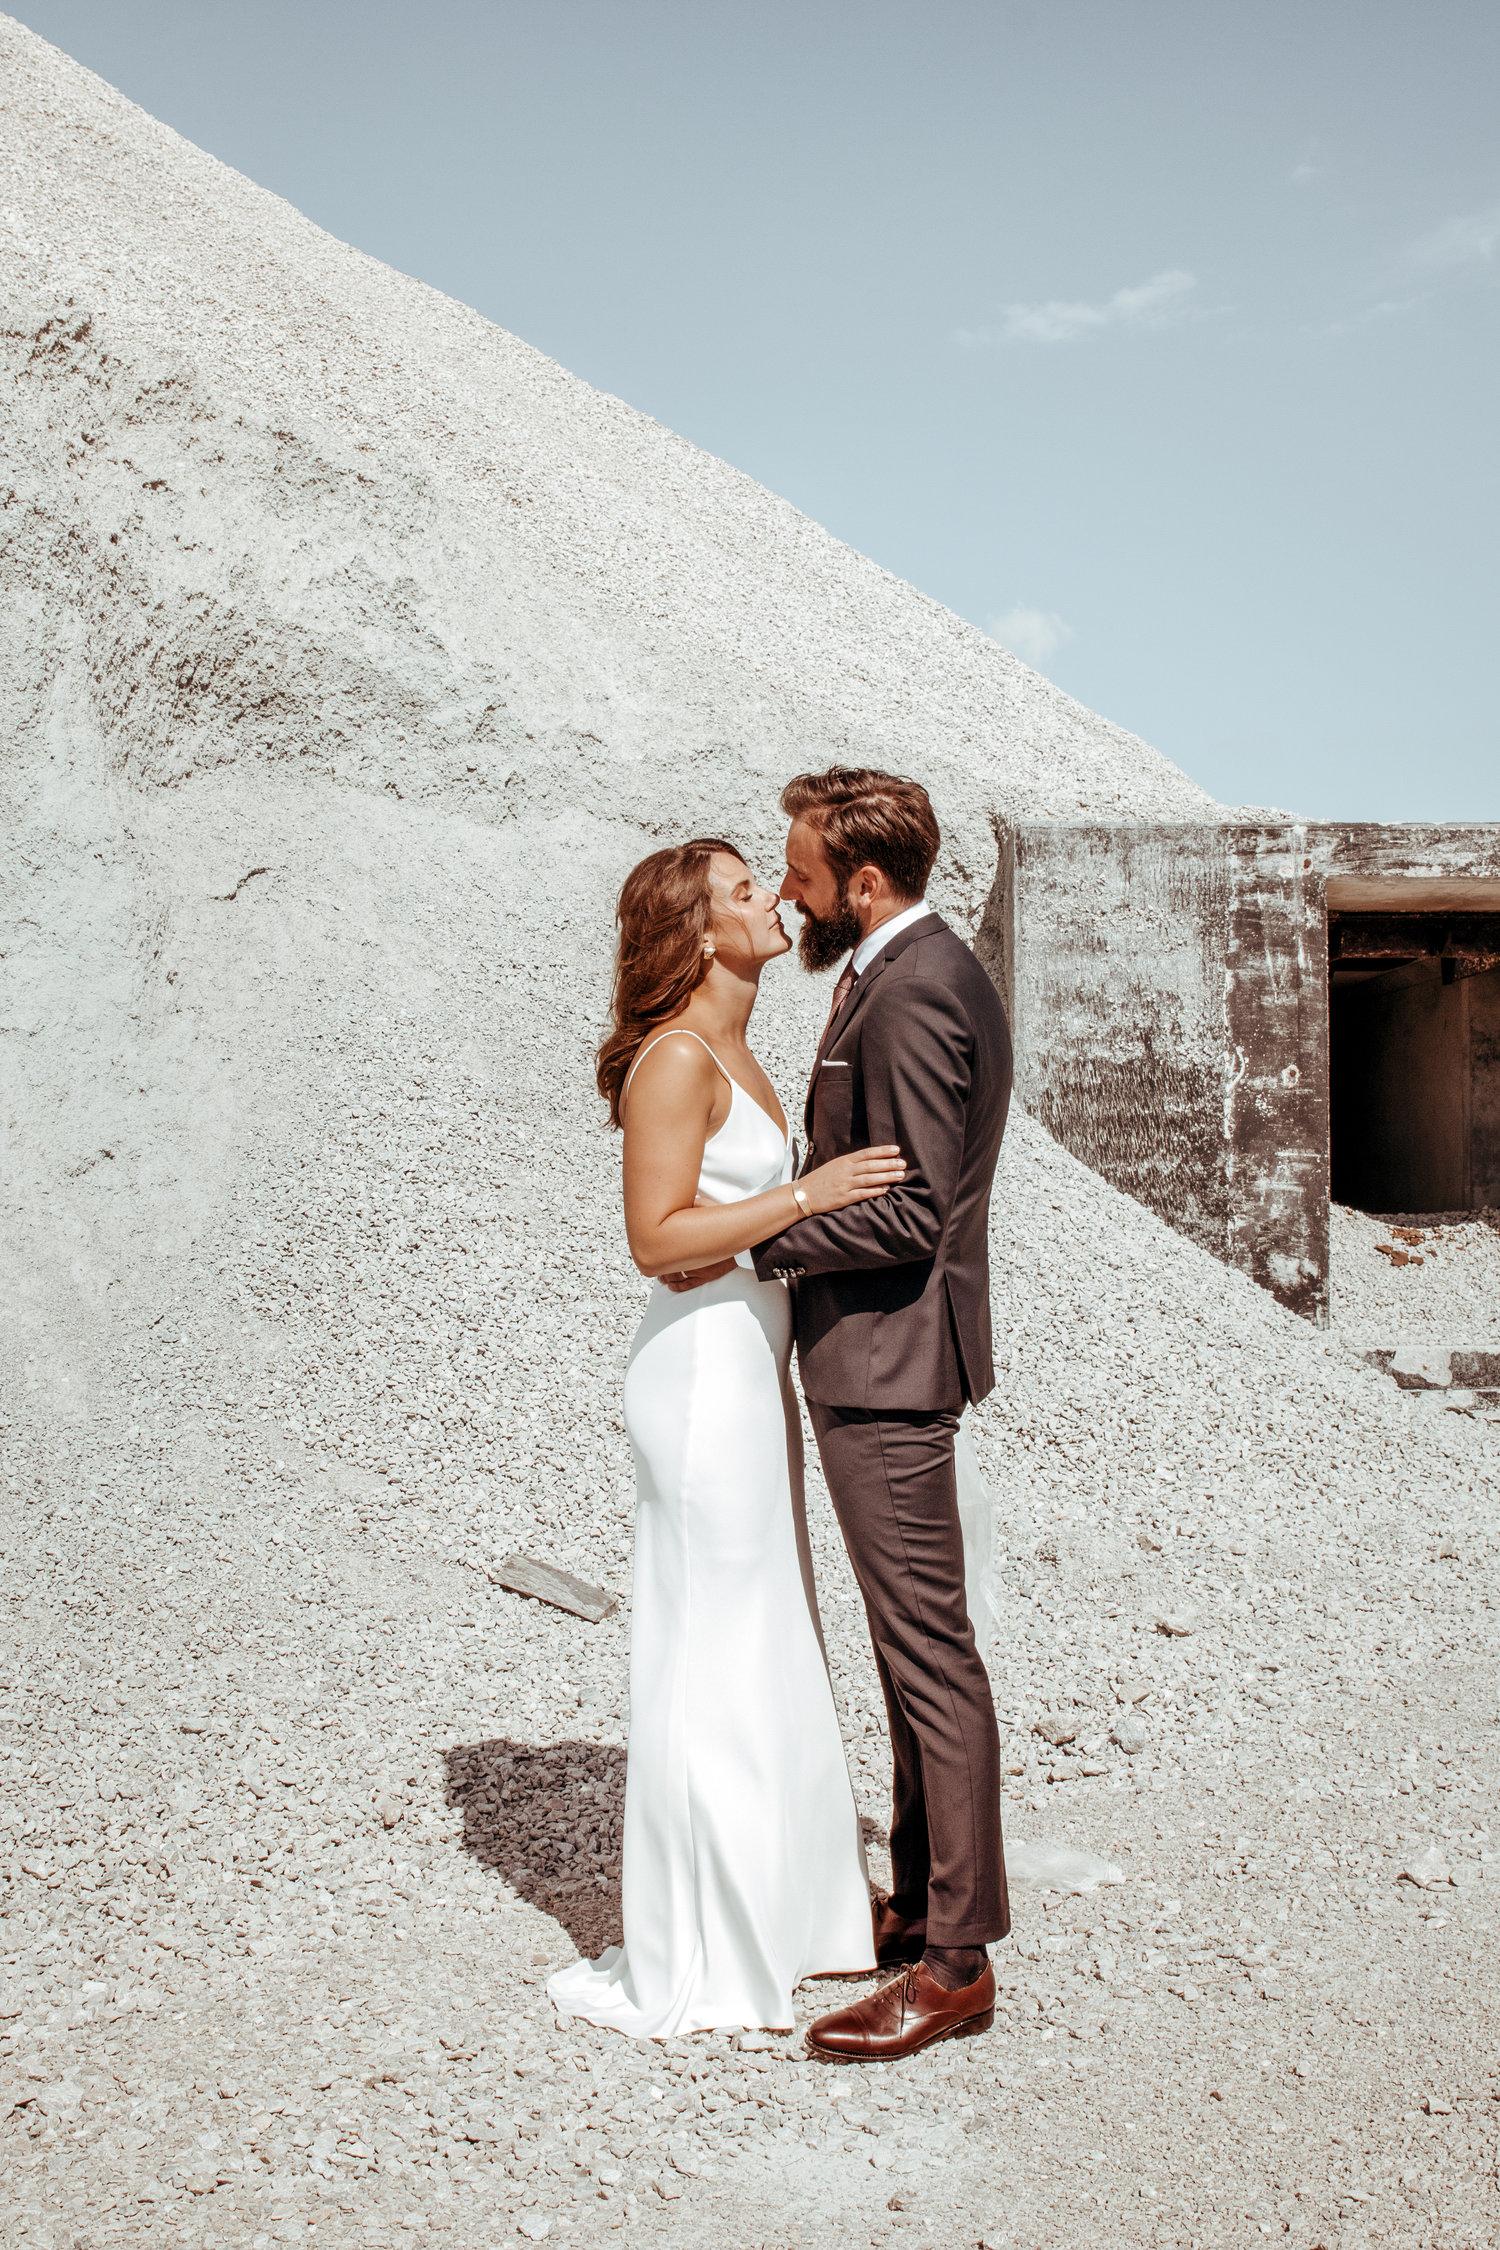 Wedding+photography+bröllop+bröllopsfotograf+furillen+gotland.jpg